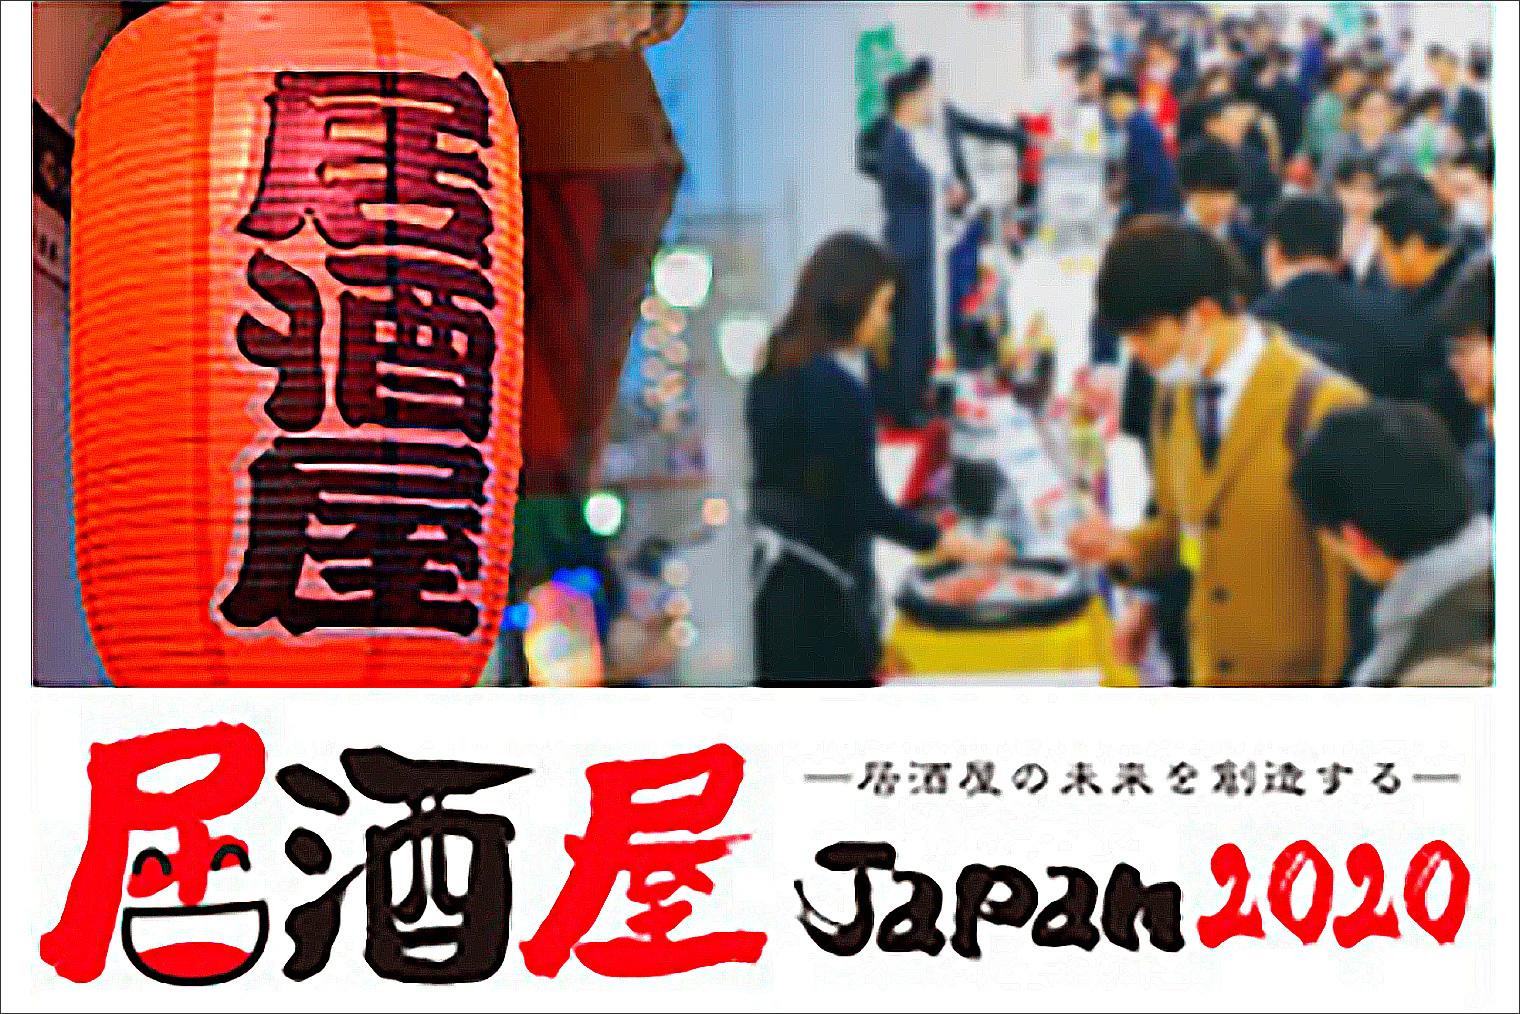 居酒屋ジャパン2020に出展します。